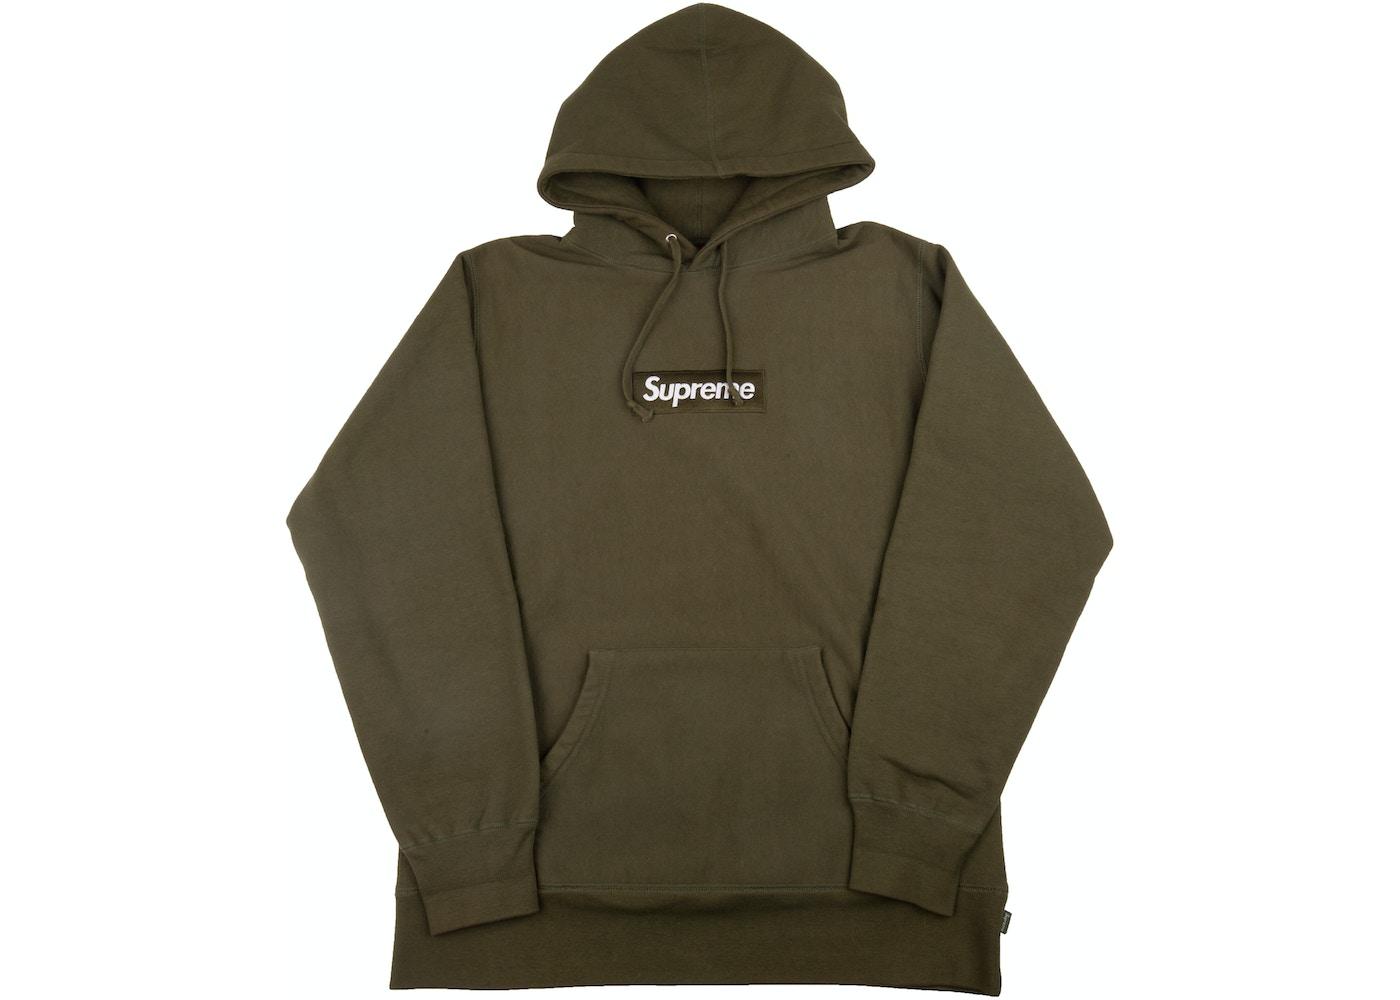 e0df000edf13 Supreme Box Logo Pullover Olive - FW11